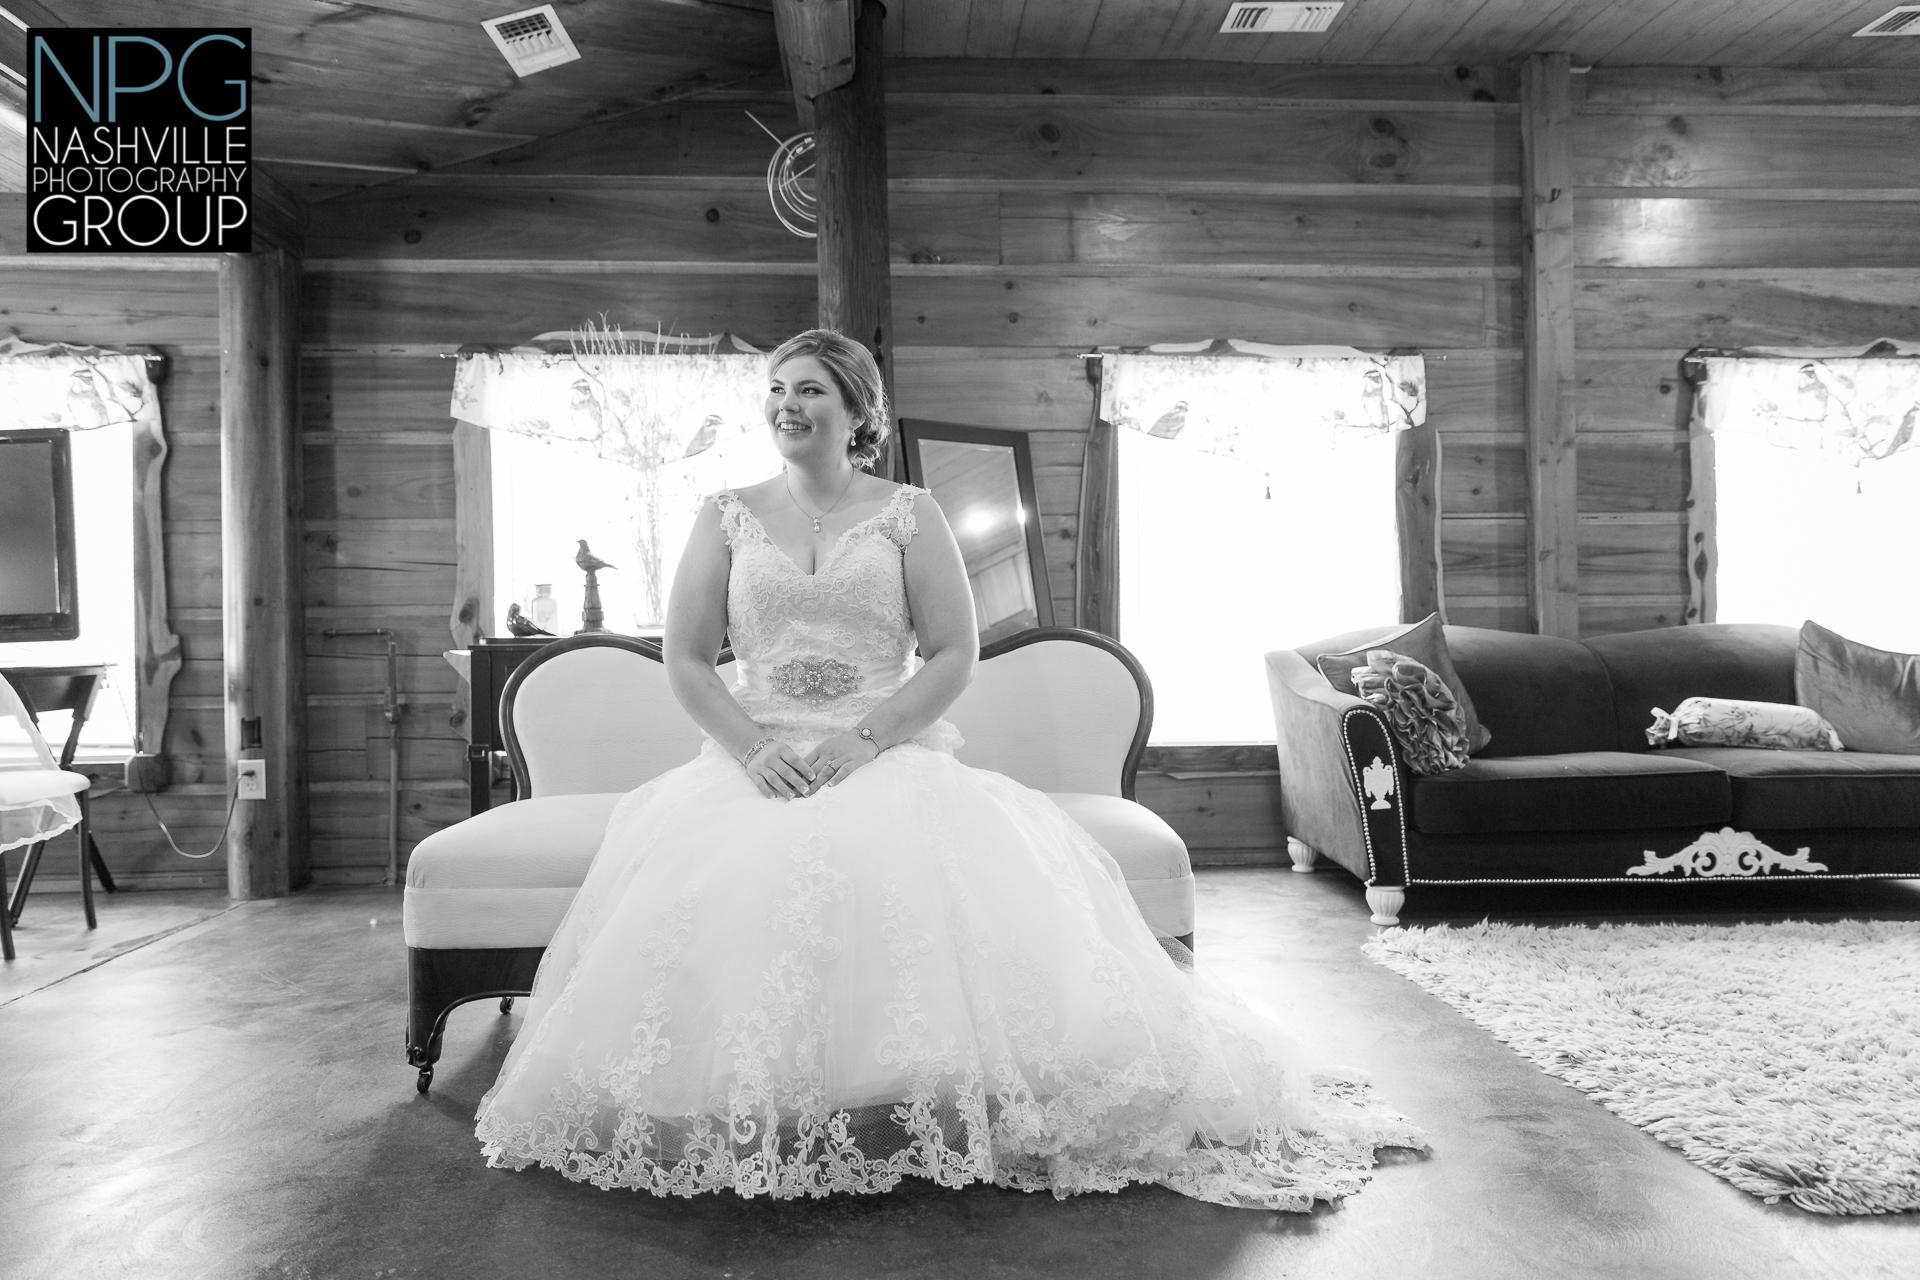 Nashville Photography Group wedding photographers-2-2.jpg